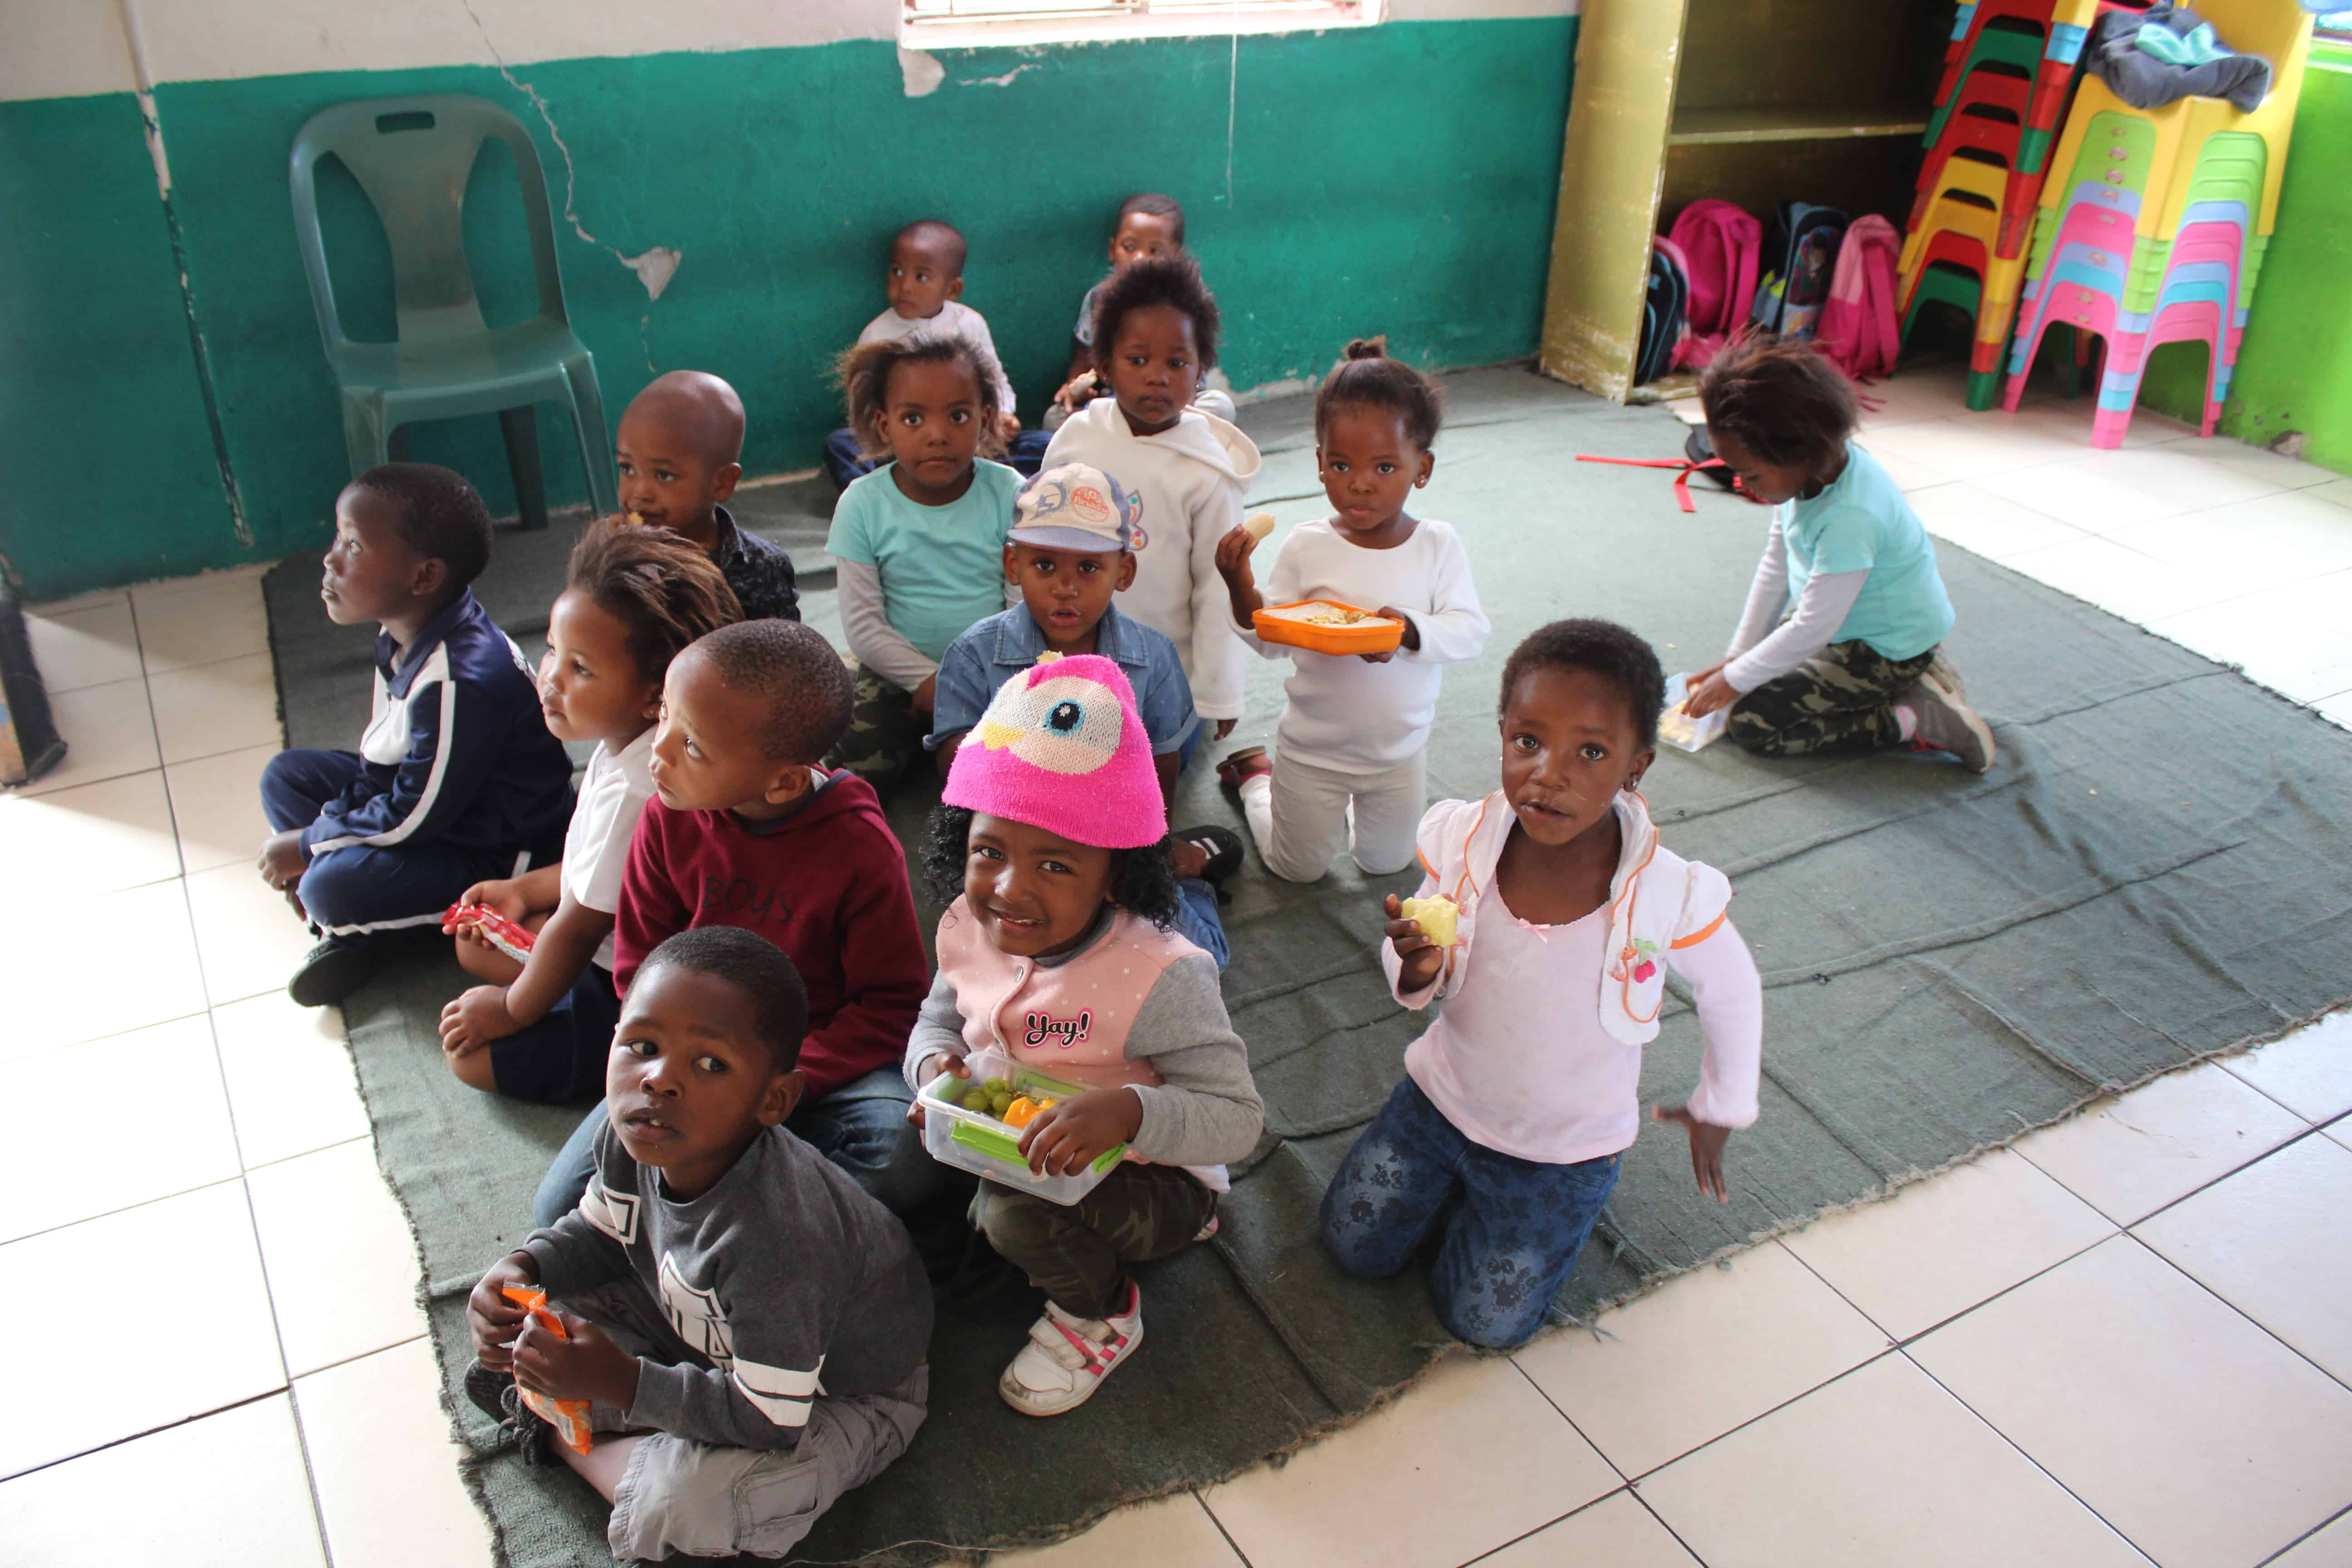 børnehave i New Rest township